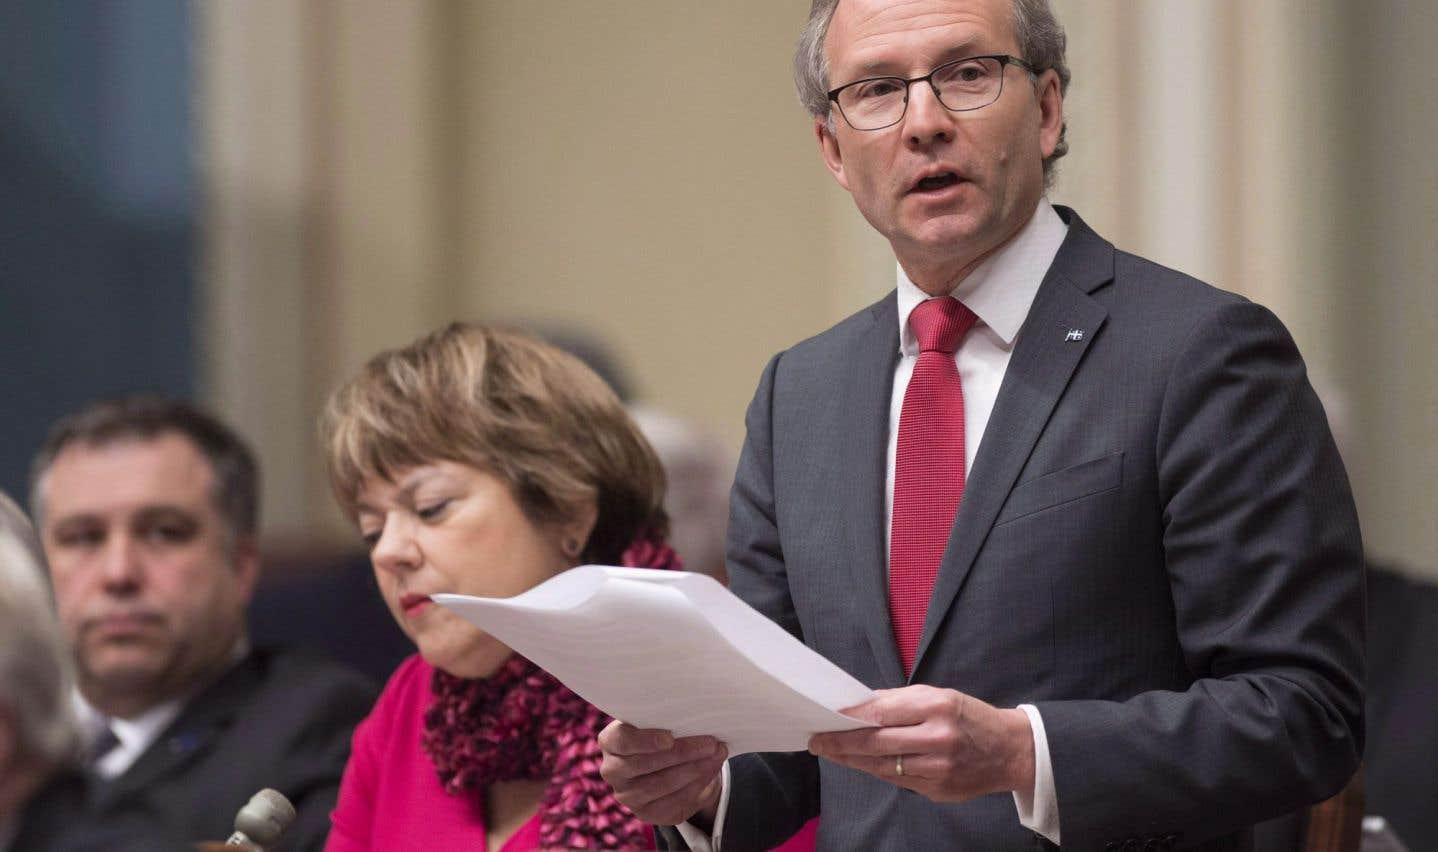 Le ministre Coiteux veut éviter la surenchère sécuritaire